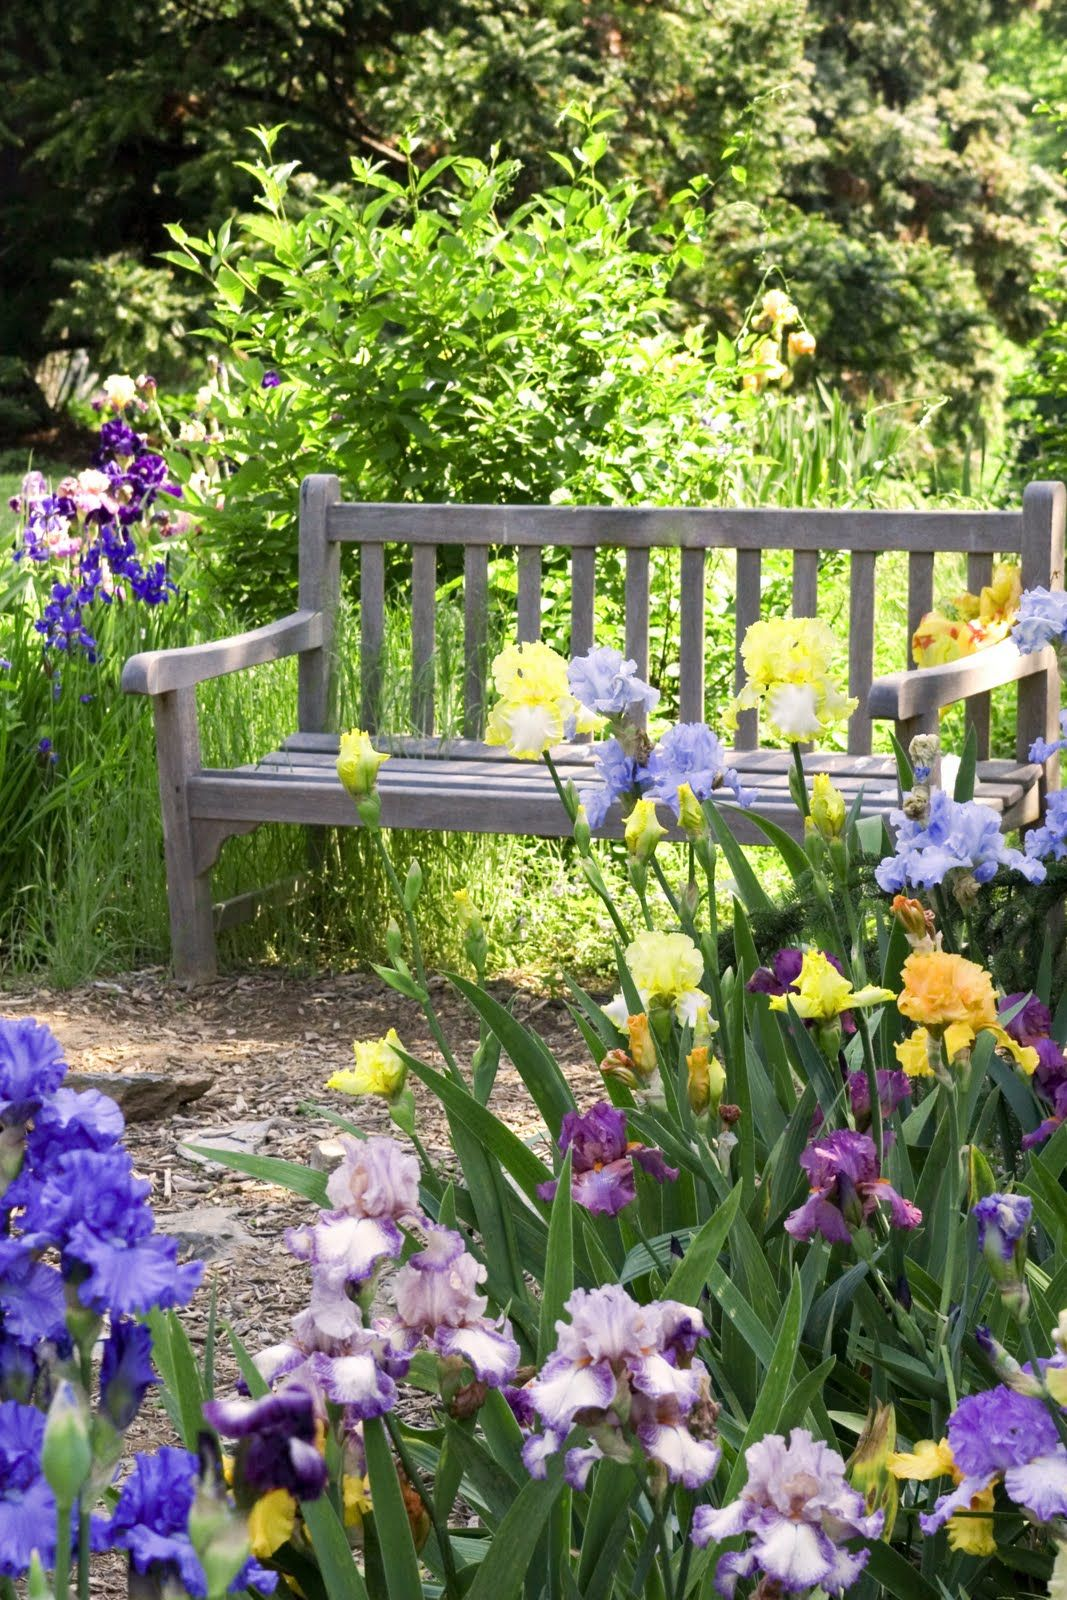 Les iris sont peut-être les fleurs les plus traditionnelles de leur chalet d'été.